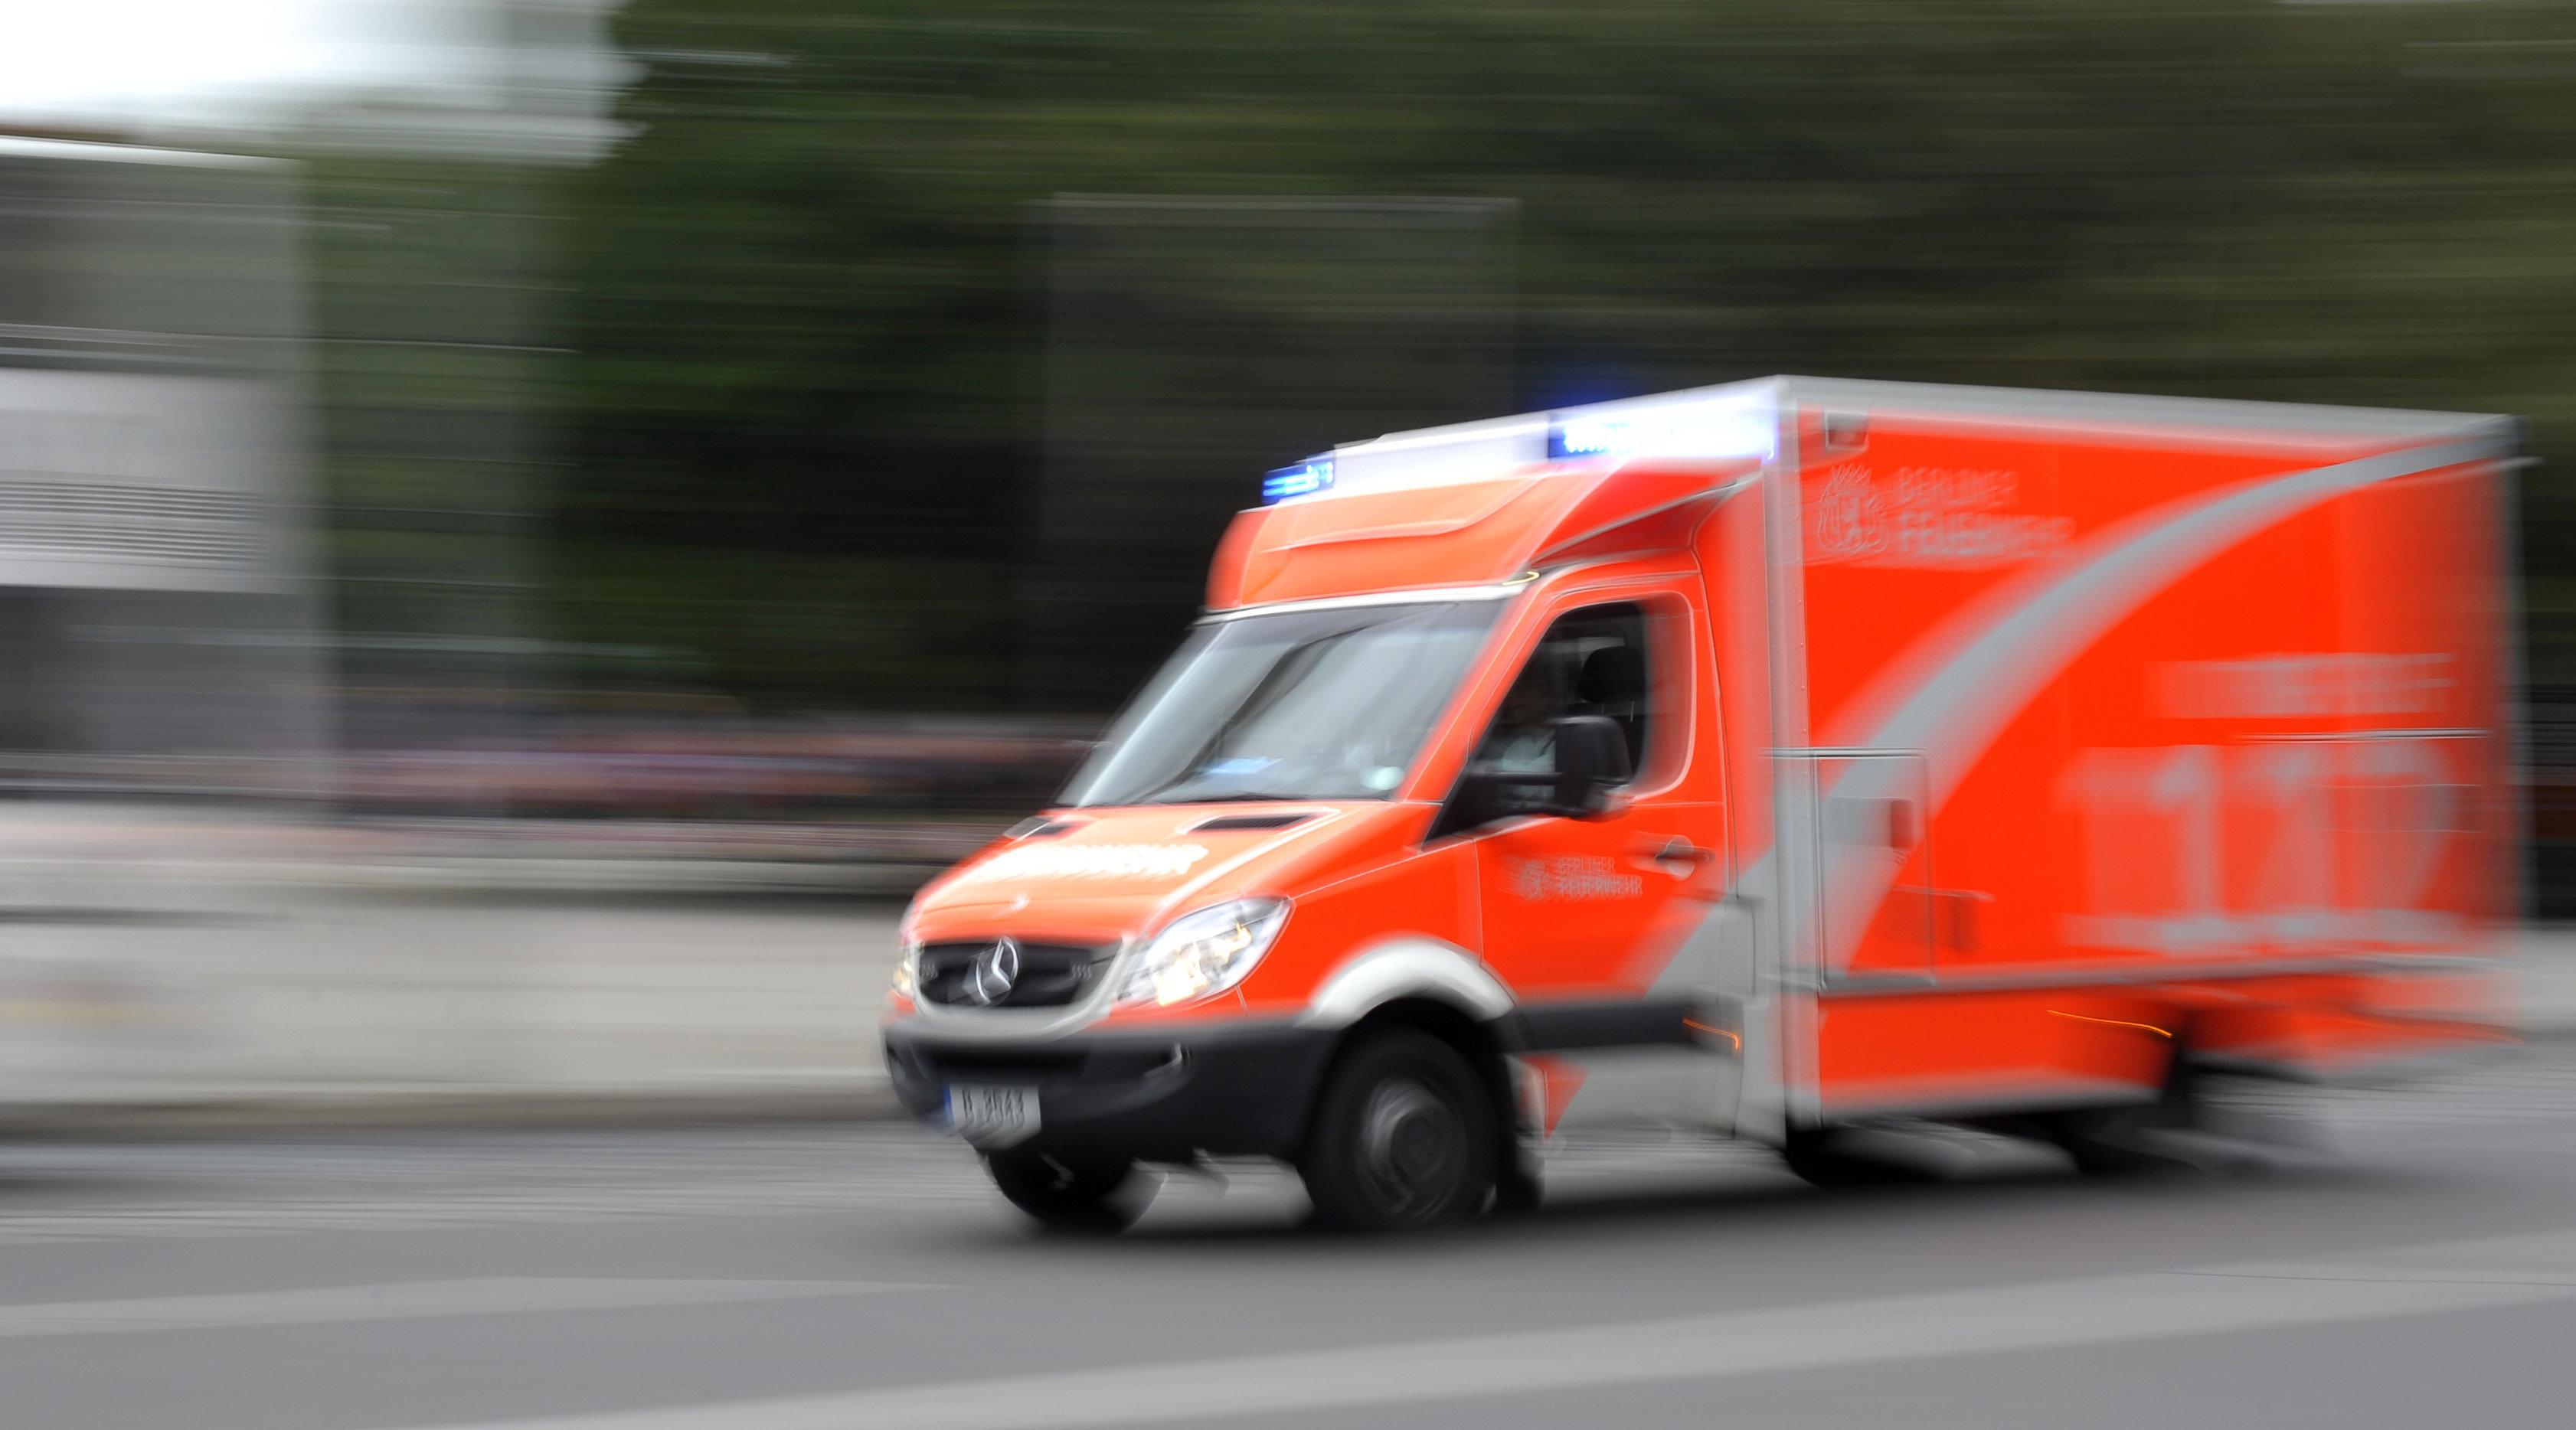 Der 26-Jährige musste auf dem Weg ins Krankenhaus reanimiert werden, verstarb aber im